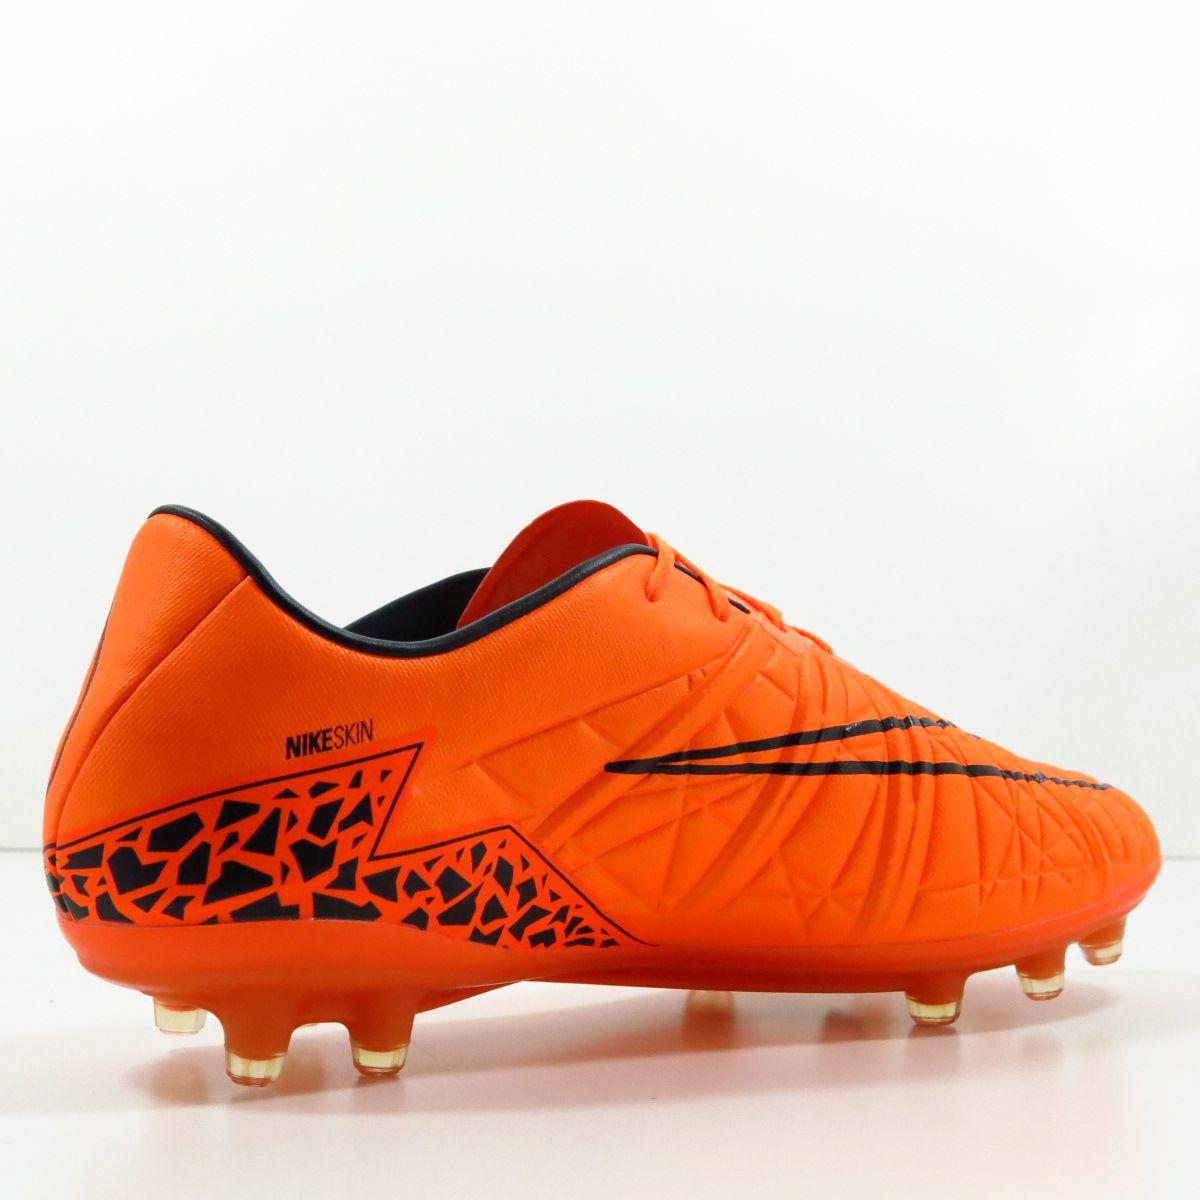 Chuteira Nike Hypervenom Phinish FG Elite